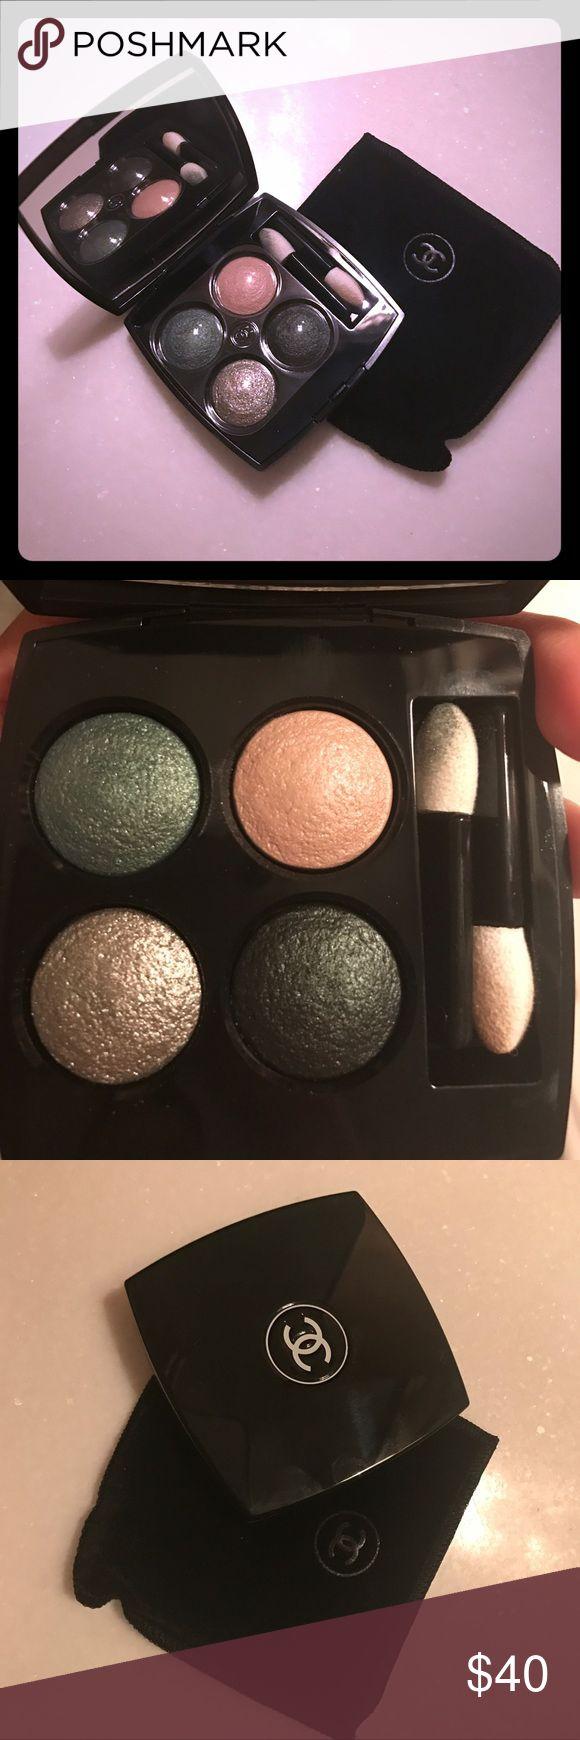 """Chanel eyeshadow set """"Les 4 ombrés"""" Multi effect ombré"""